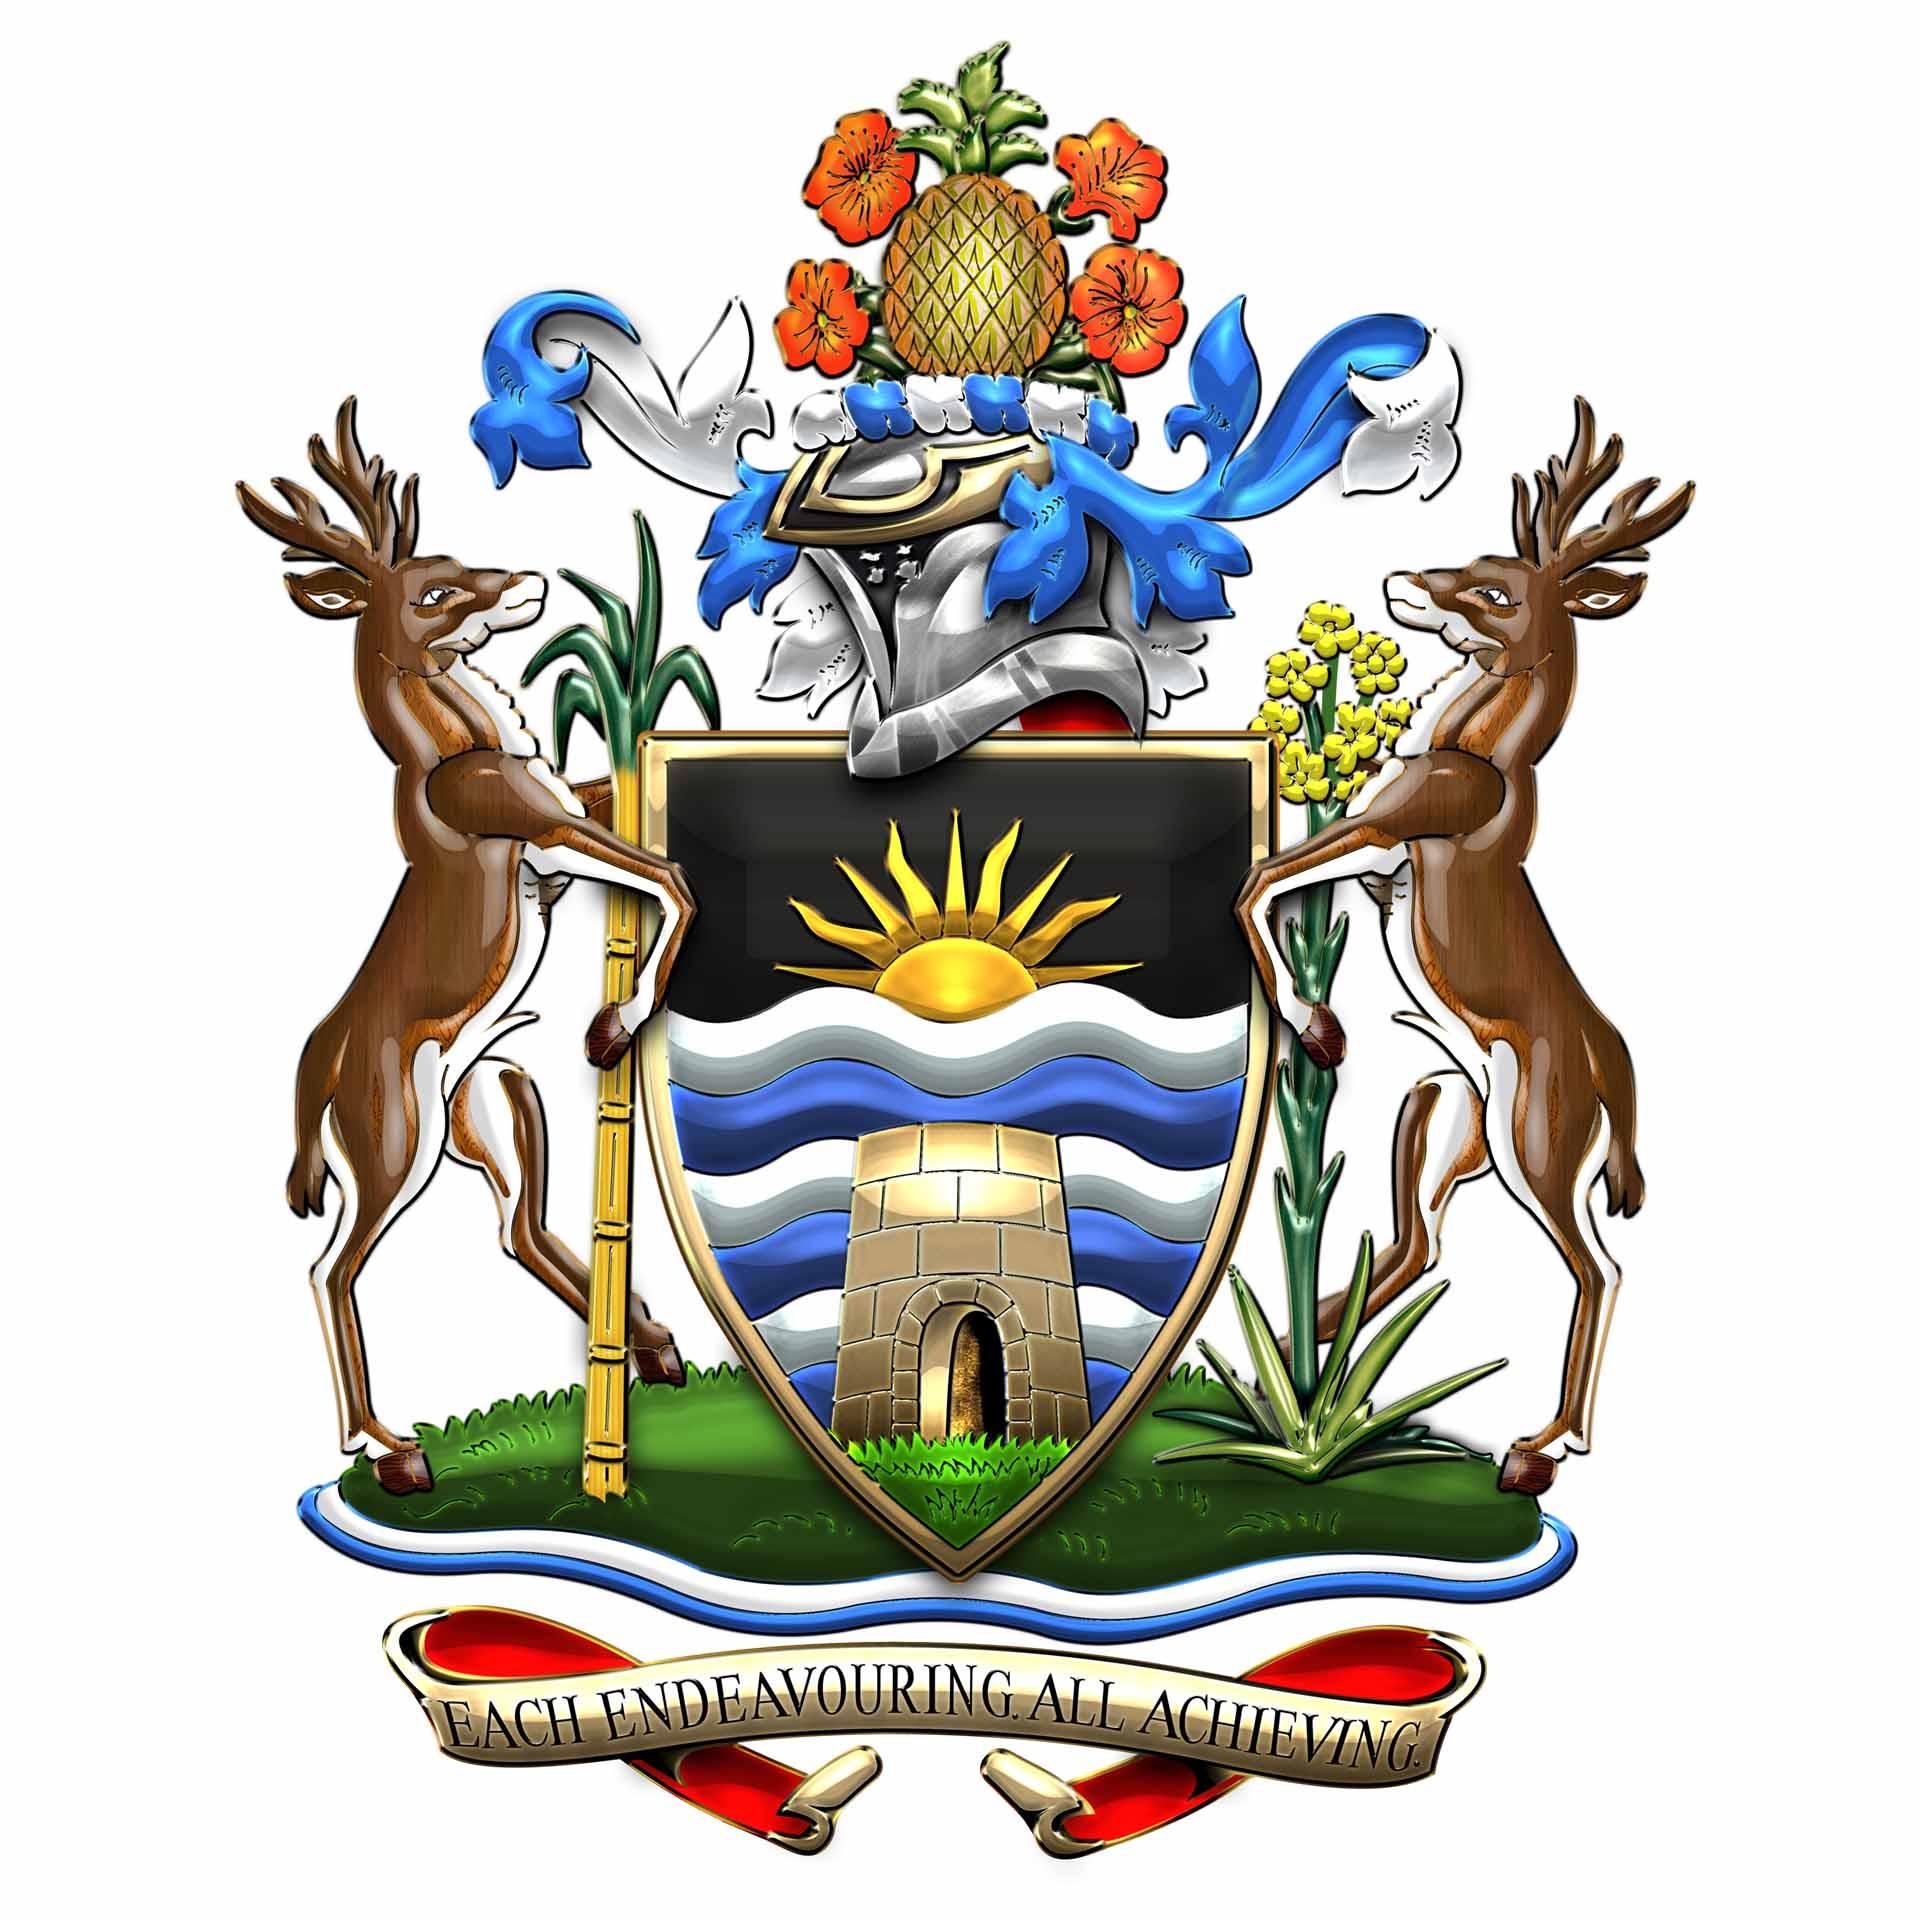 Dario Item antigua and barbuda embassy coat of arms